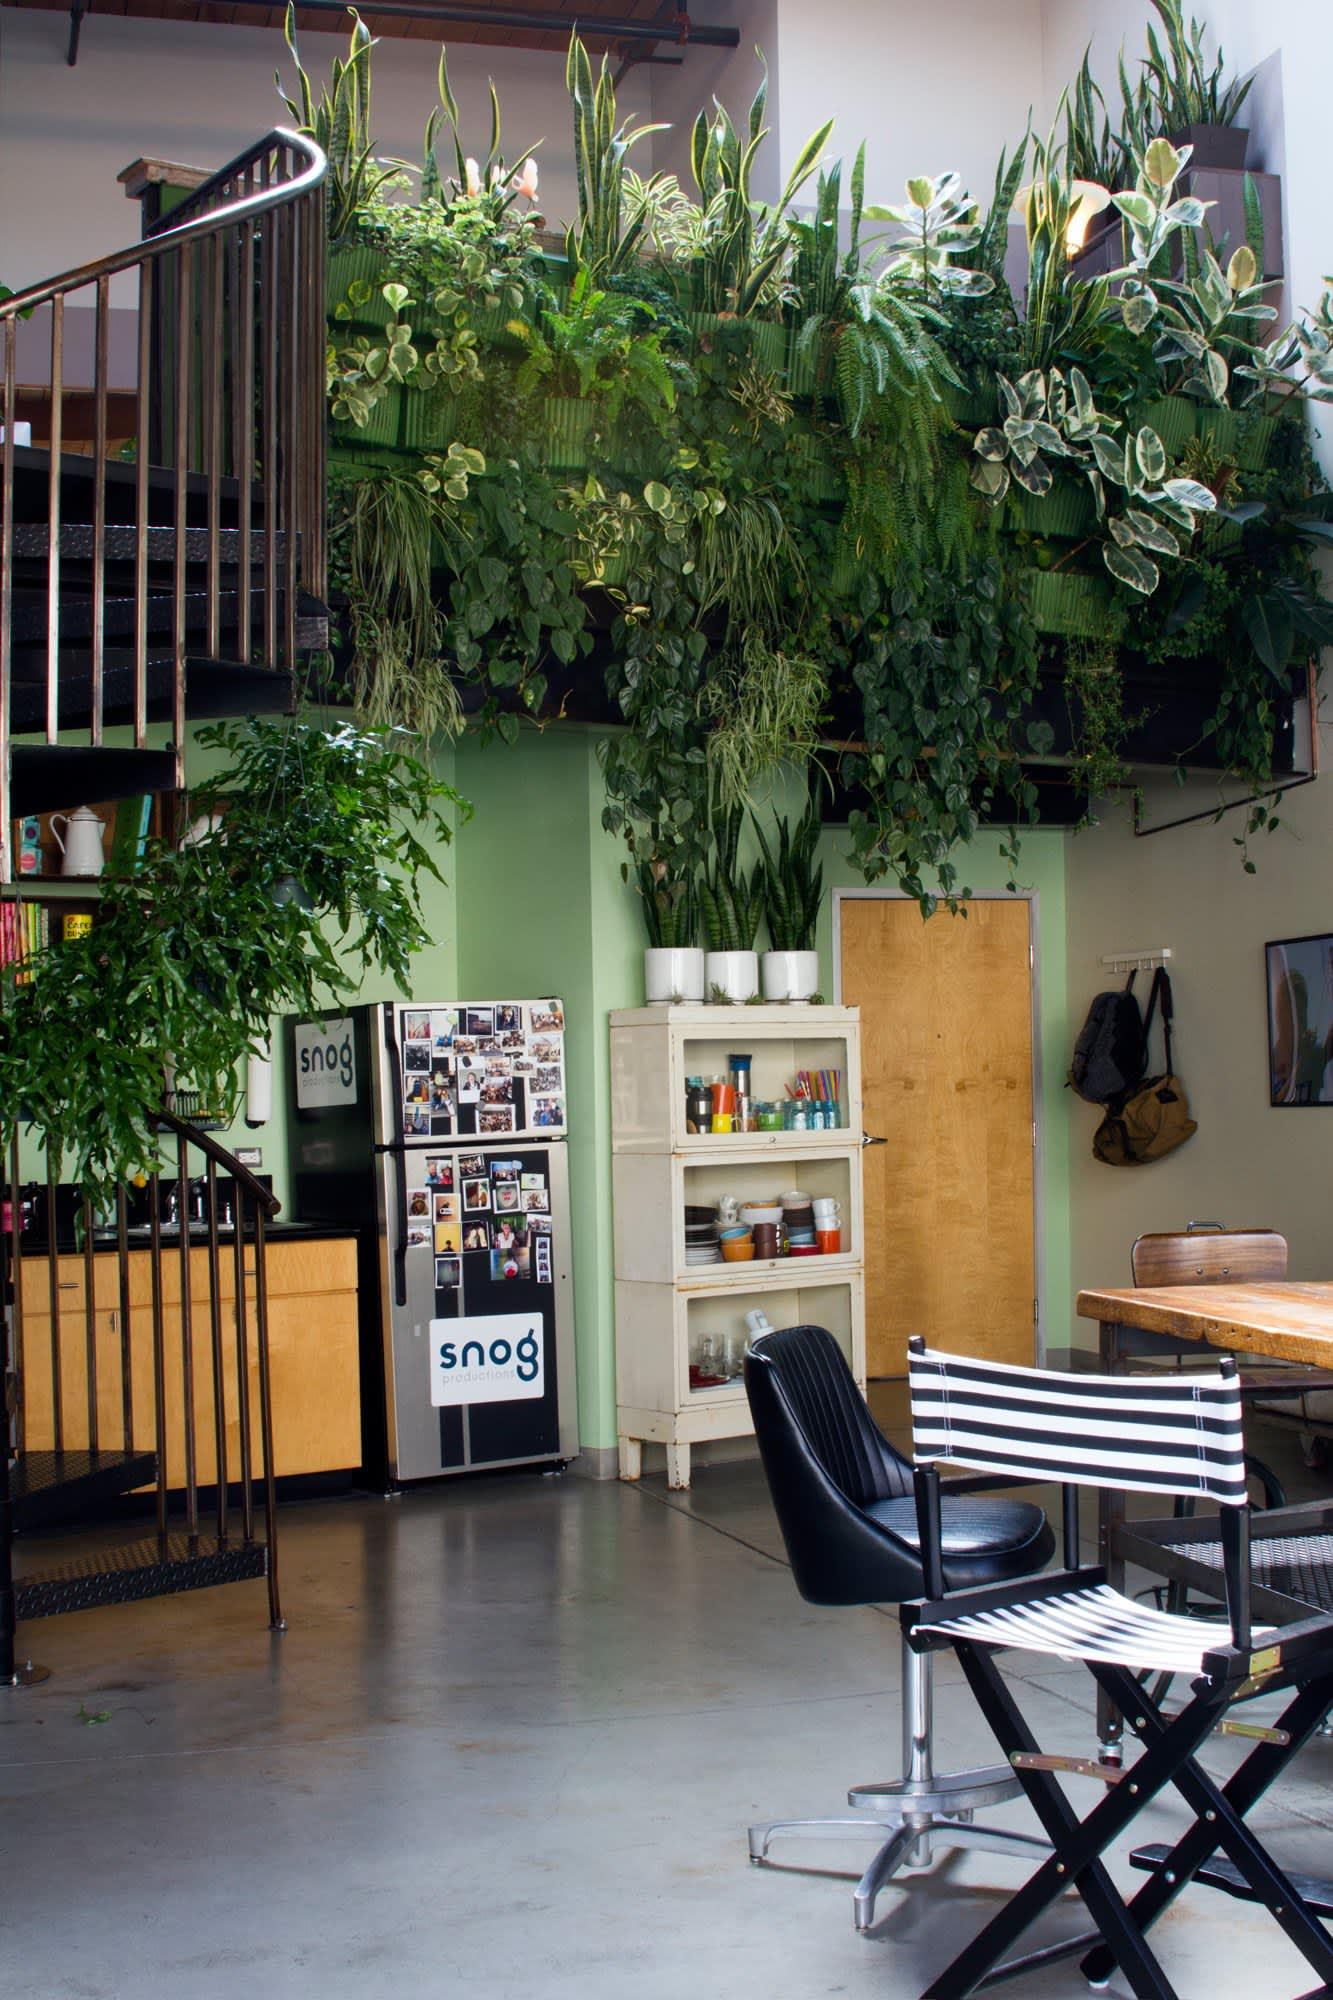 Vertical Garden Ideas How To Create An Indoor Or Outdoor Vertical Garden Apartment Therapy